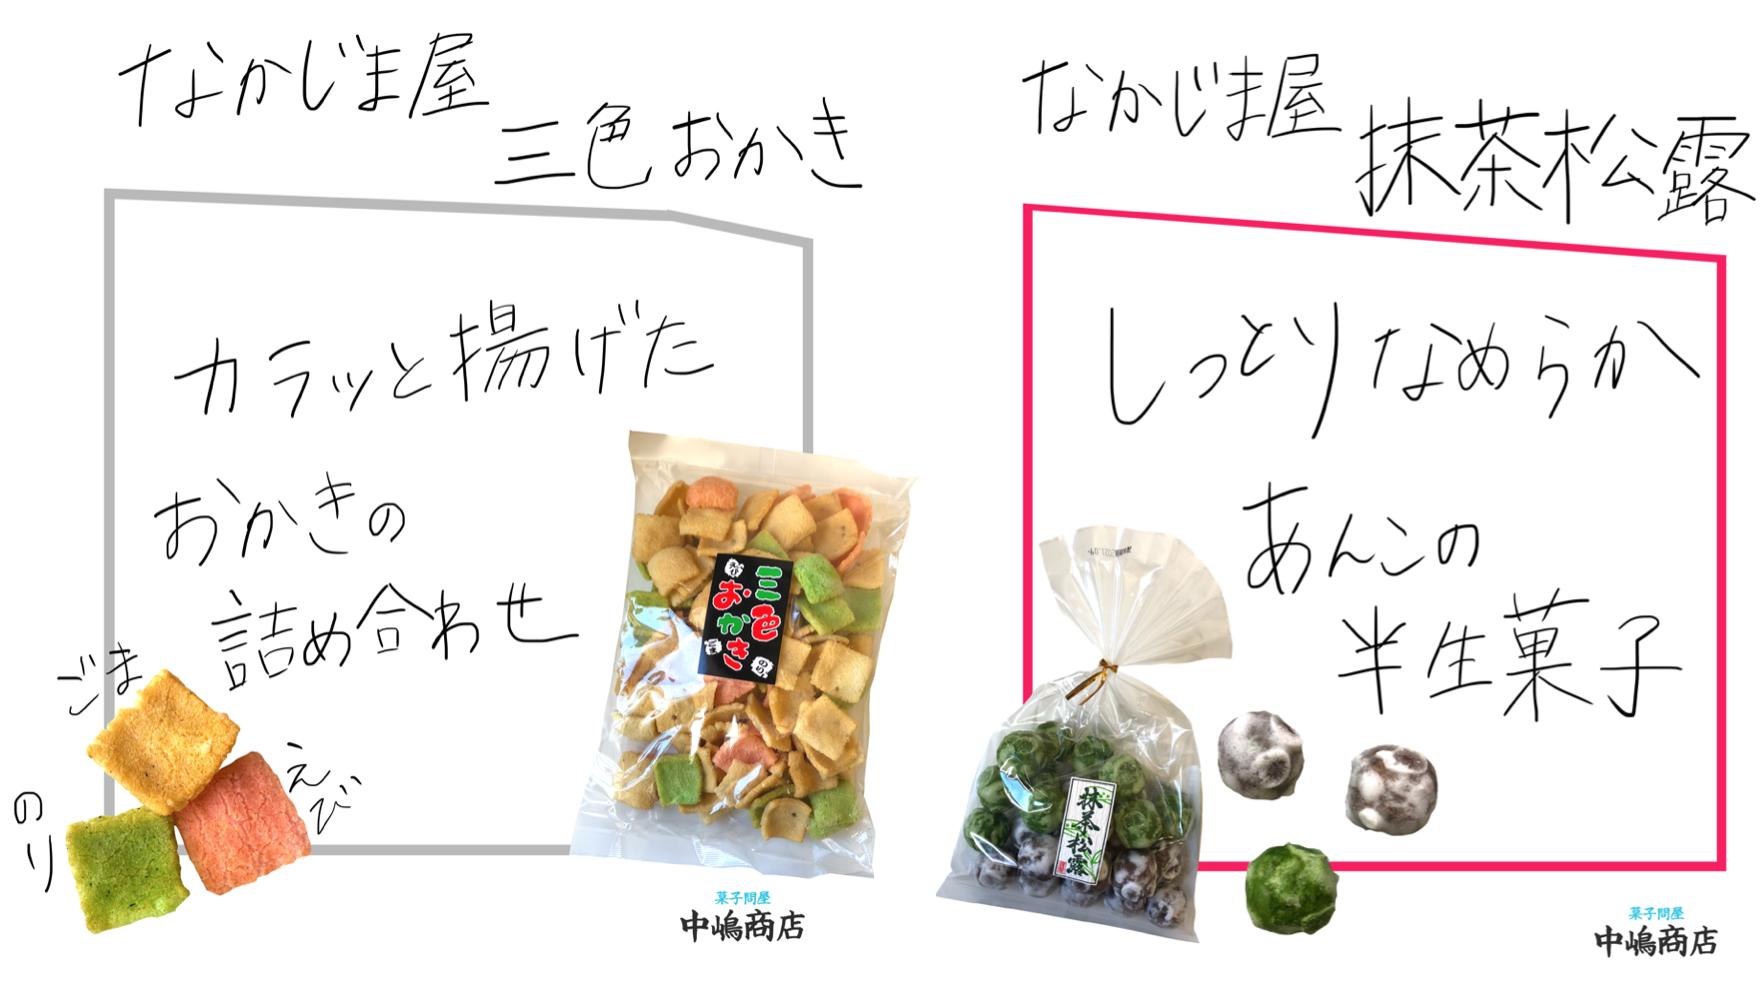 中嶋商店のプライベートブランド「なかじま屋」の商品特集【その2】